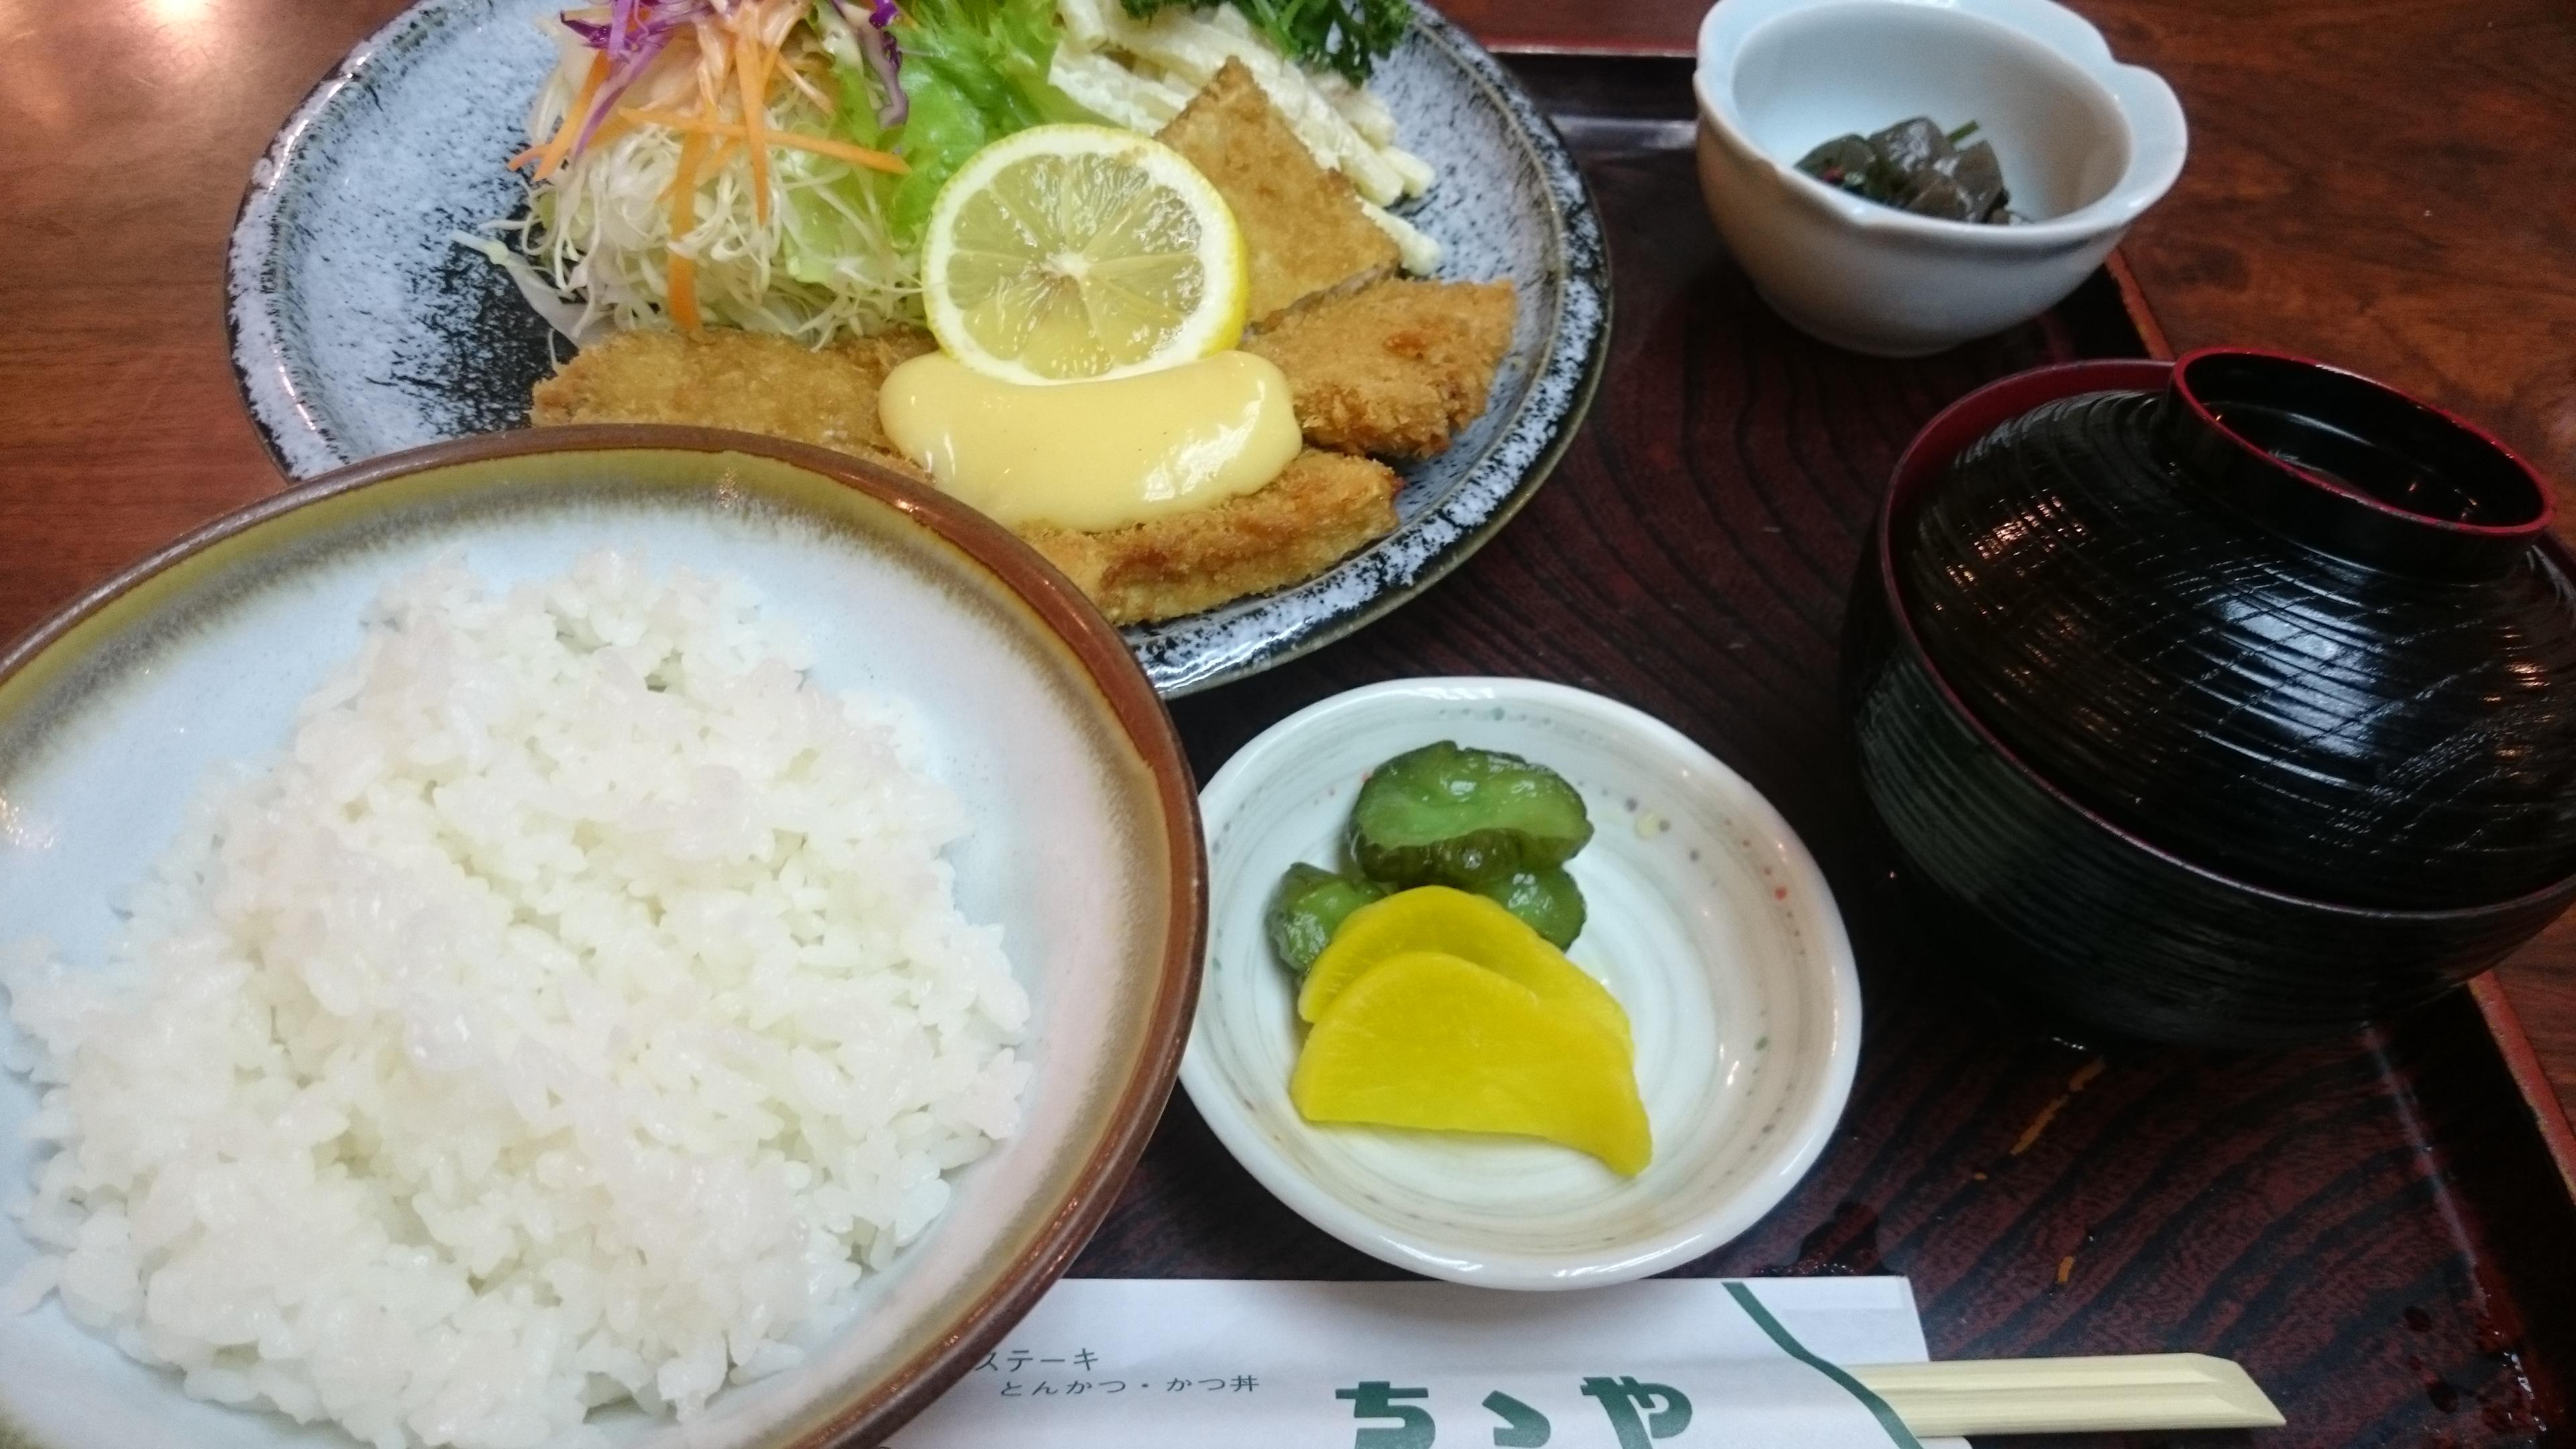 魚フライ定食-ファミリーレストランちちや